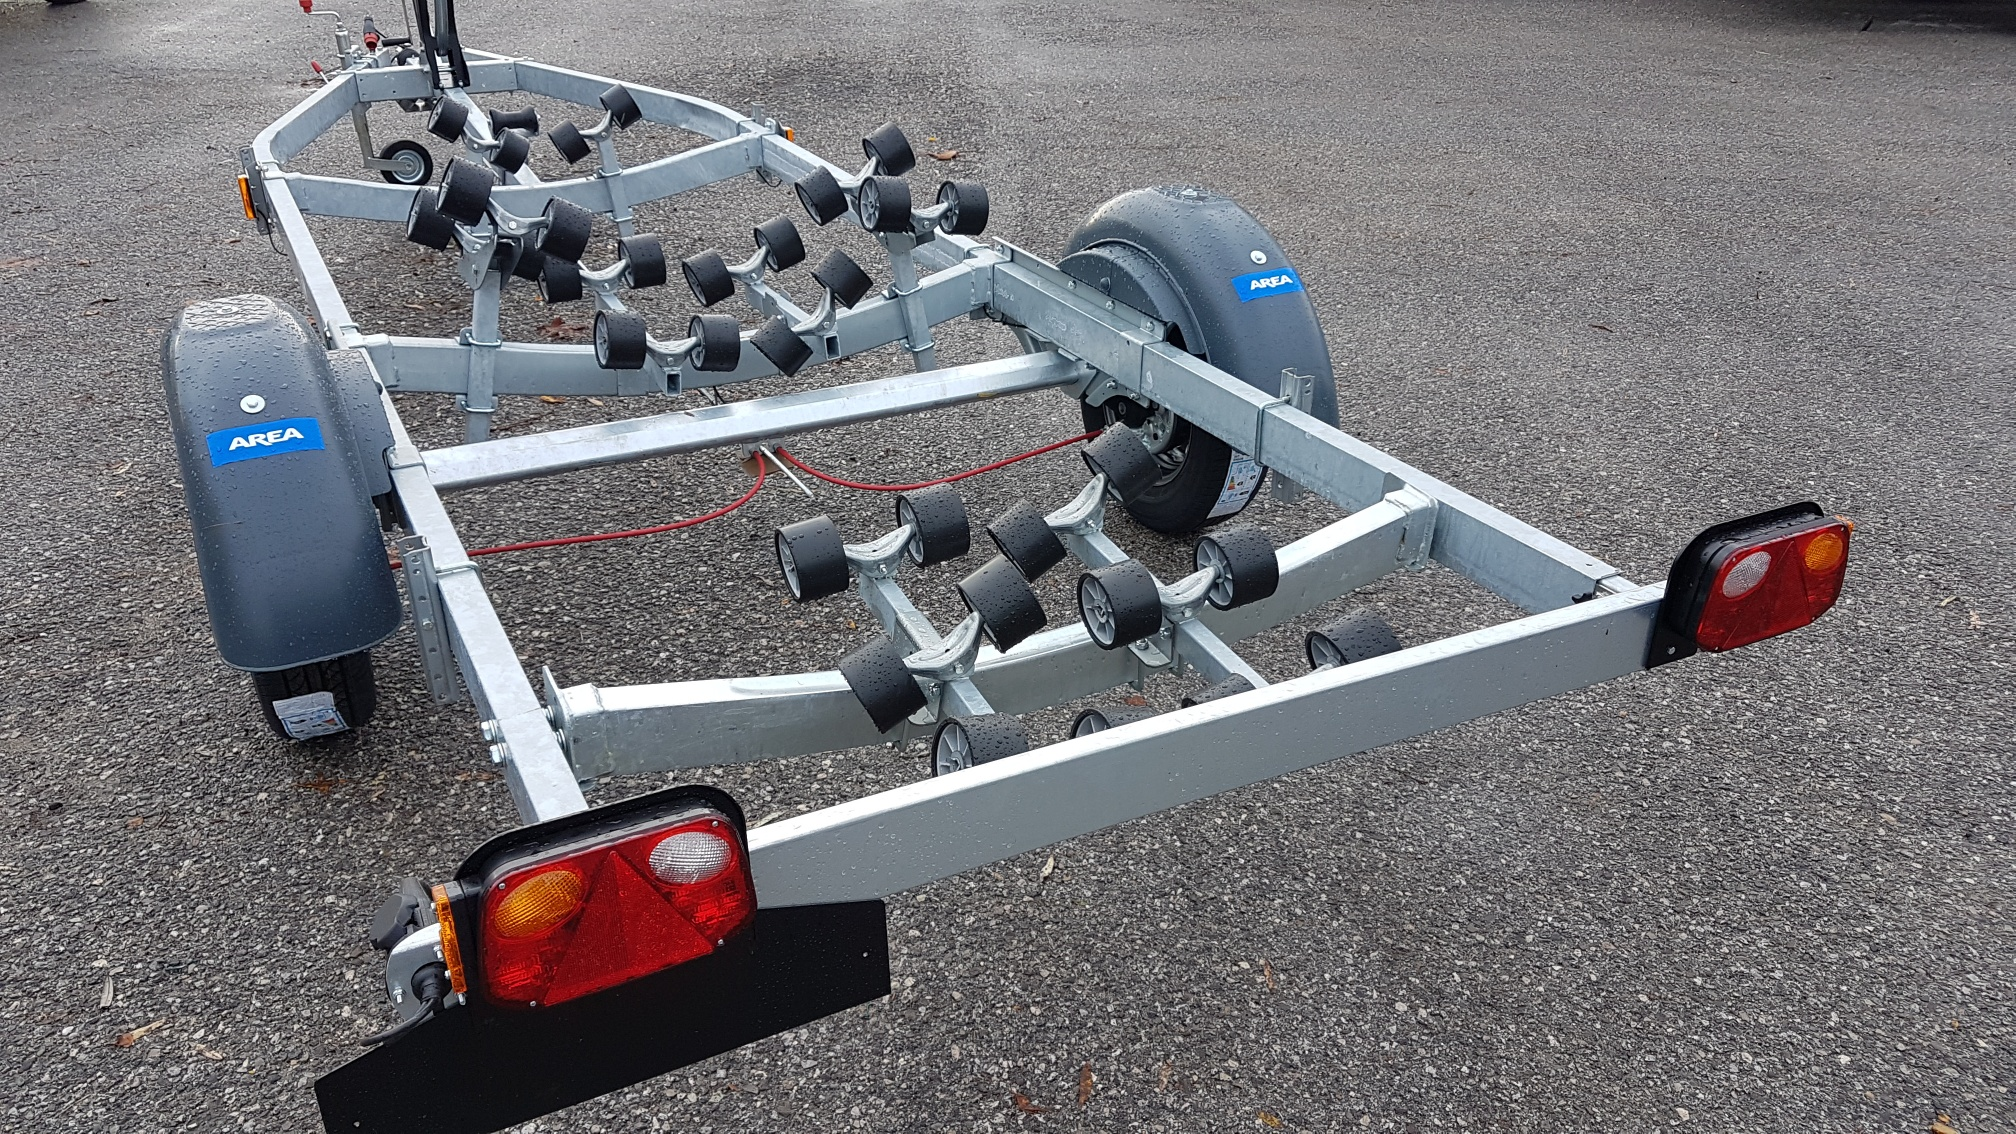 carrello rimorchio trasporto barche nuovo satellite area veneto venezia companymarine